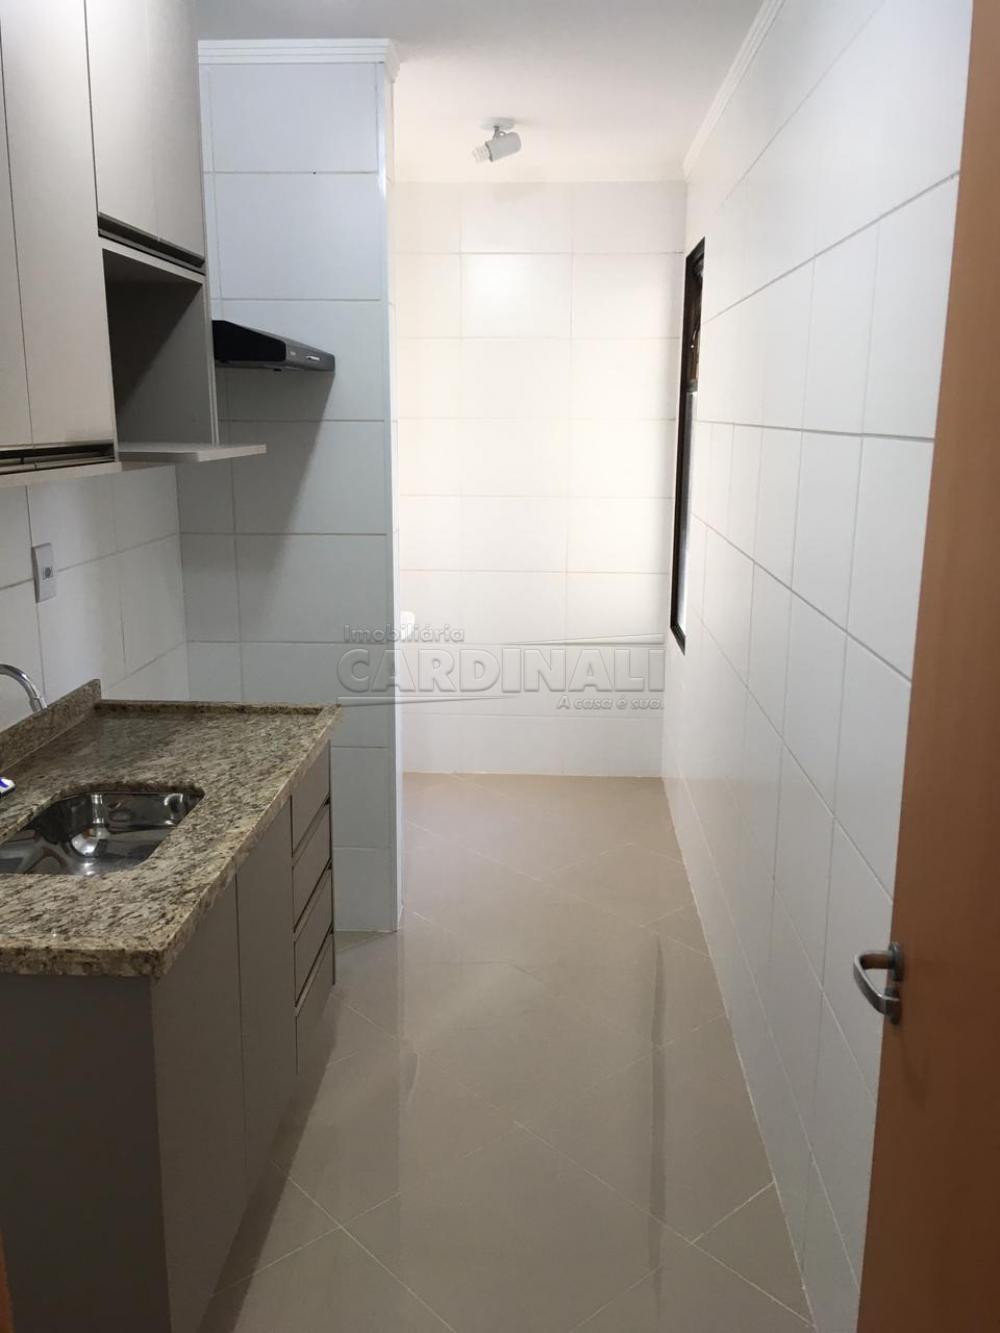 Alugar Apartamento / Padrão em São Carlos R$ 1.000,00 - Foto 20